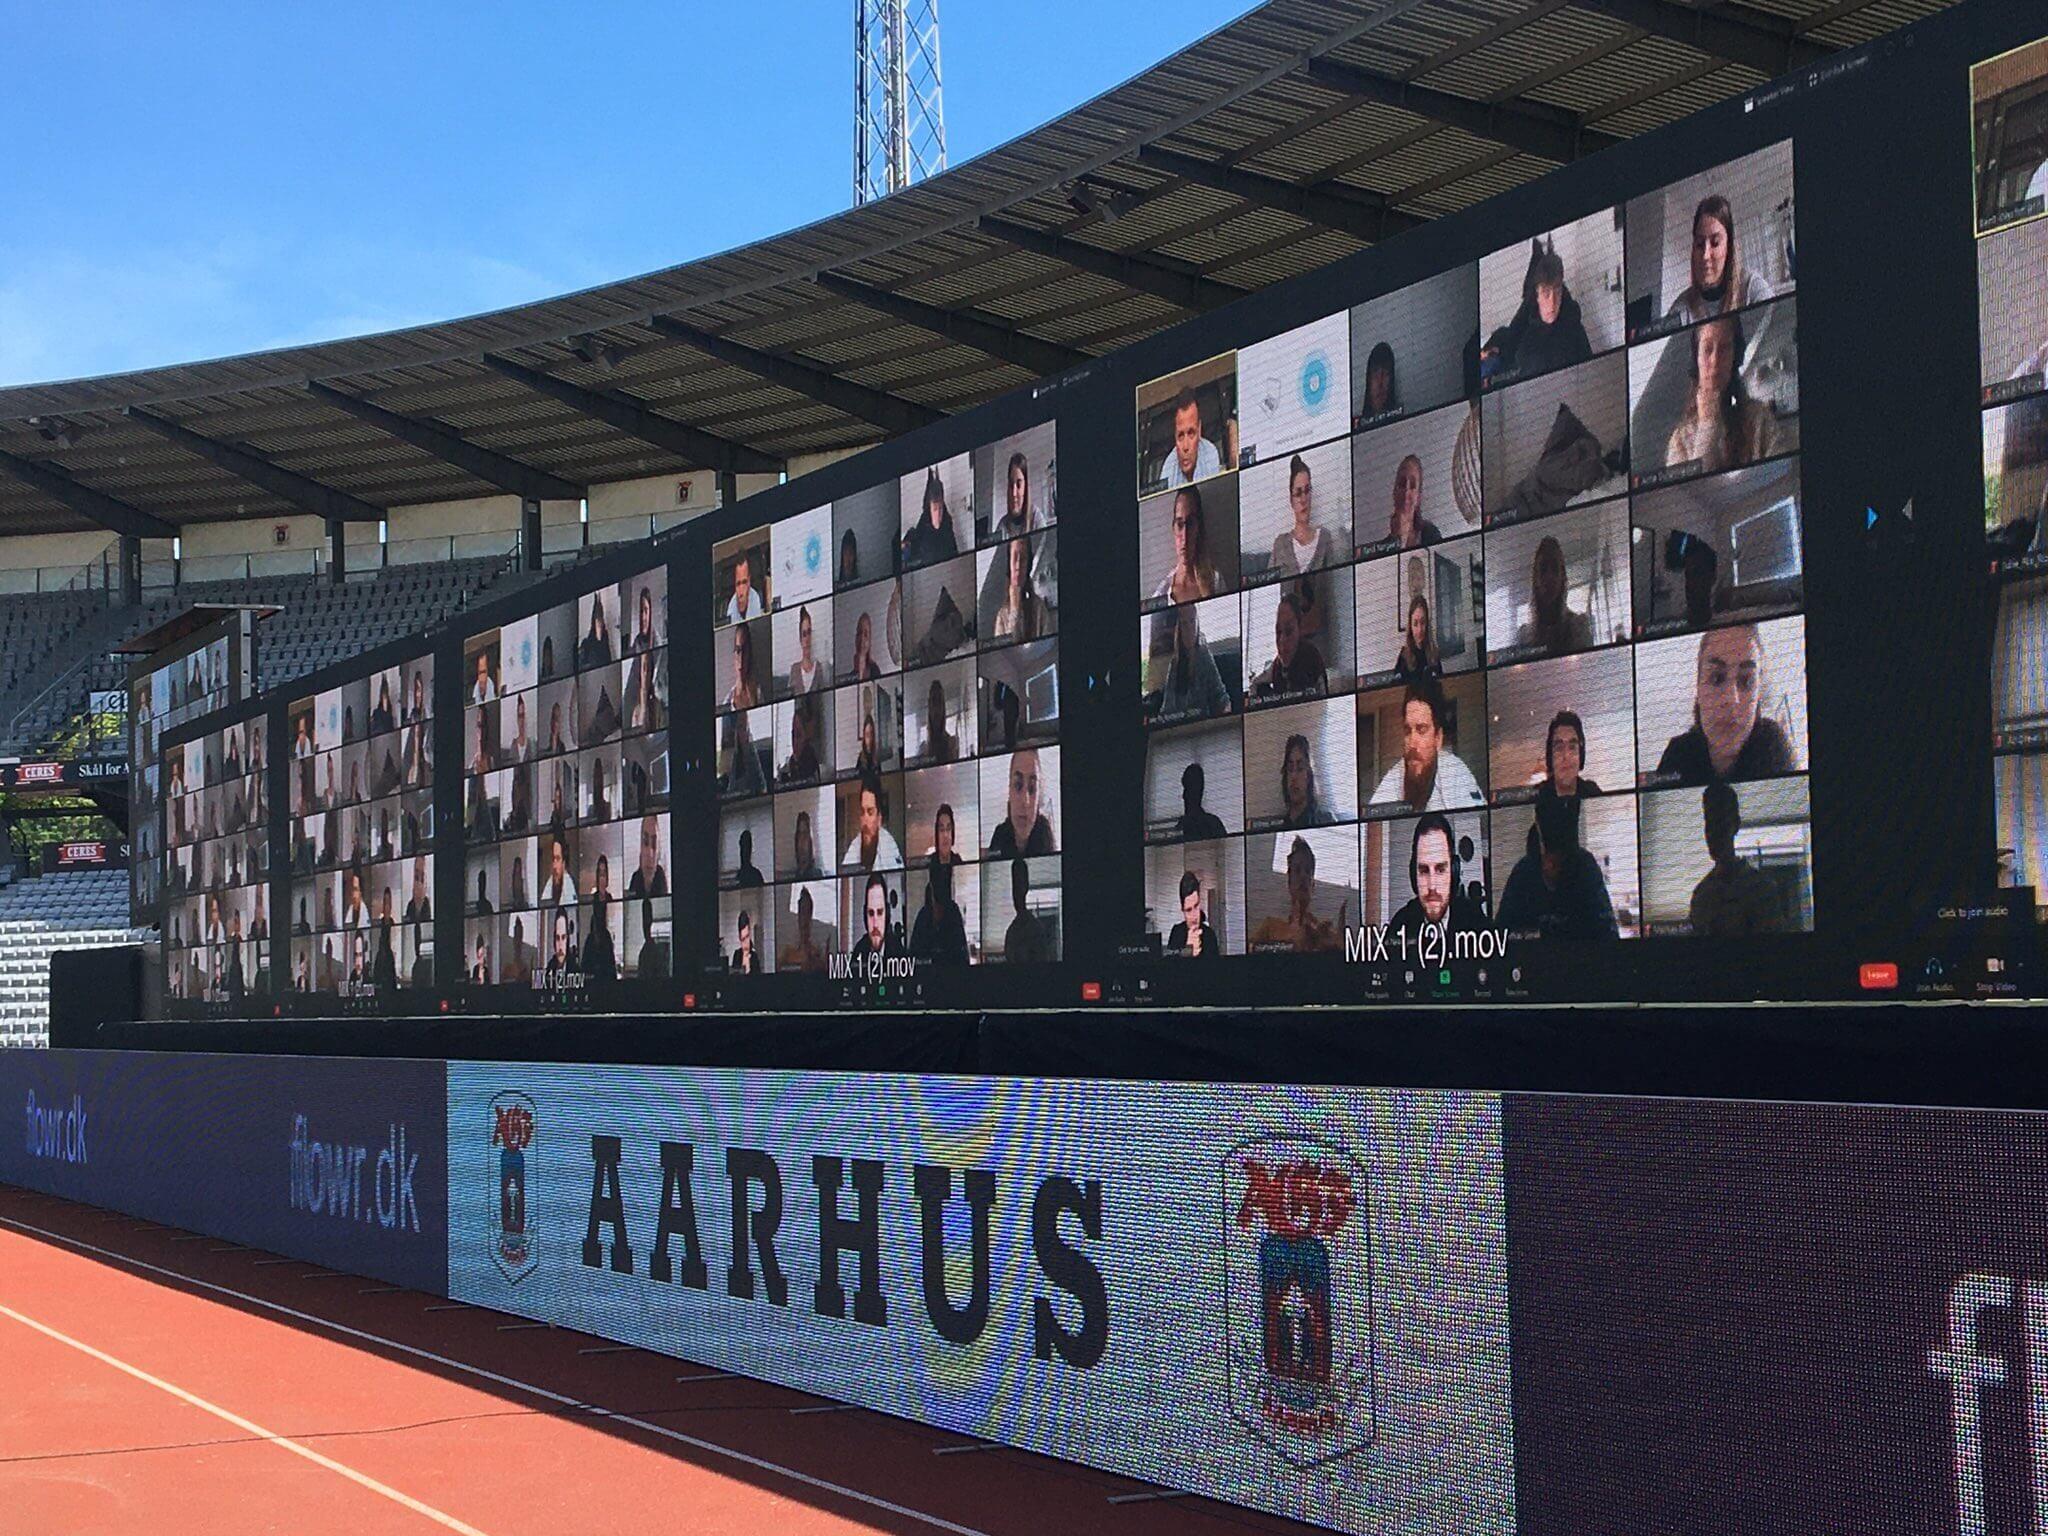 Тысячи Zoom-зрителей в Дании – лучший перфоманс рестарта. «Орхус» подружился с сервисом, воссоздал трибуны и аккуратно добавил офлайн